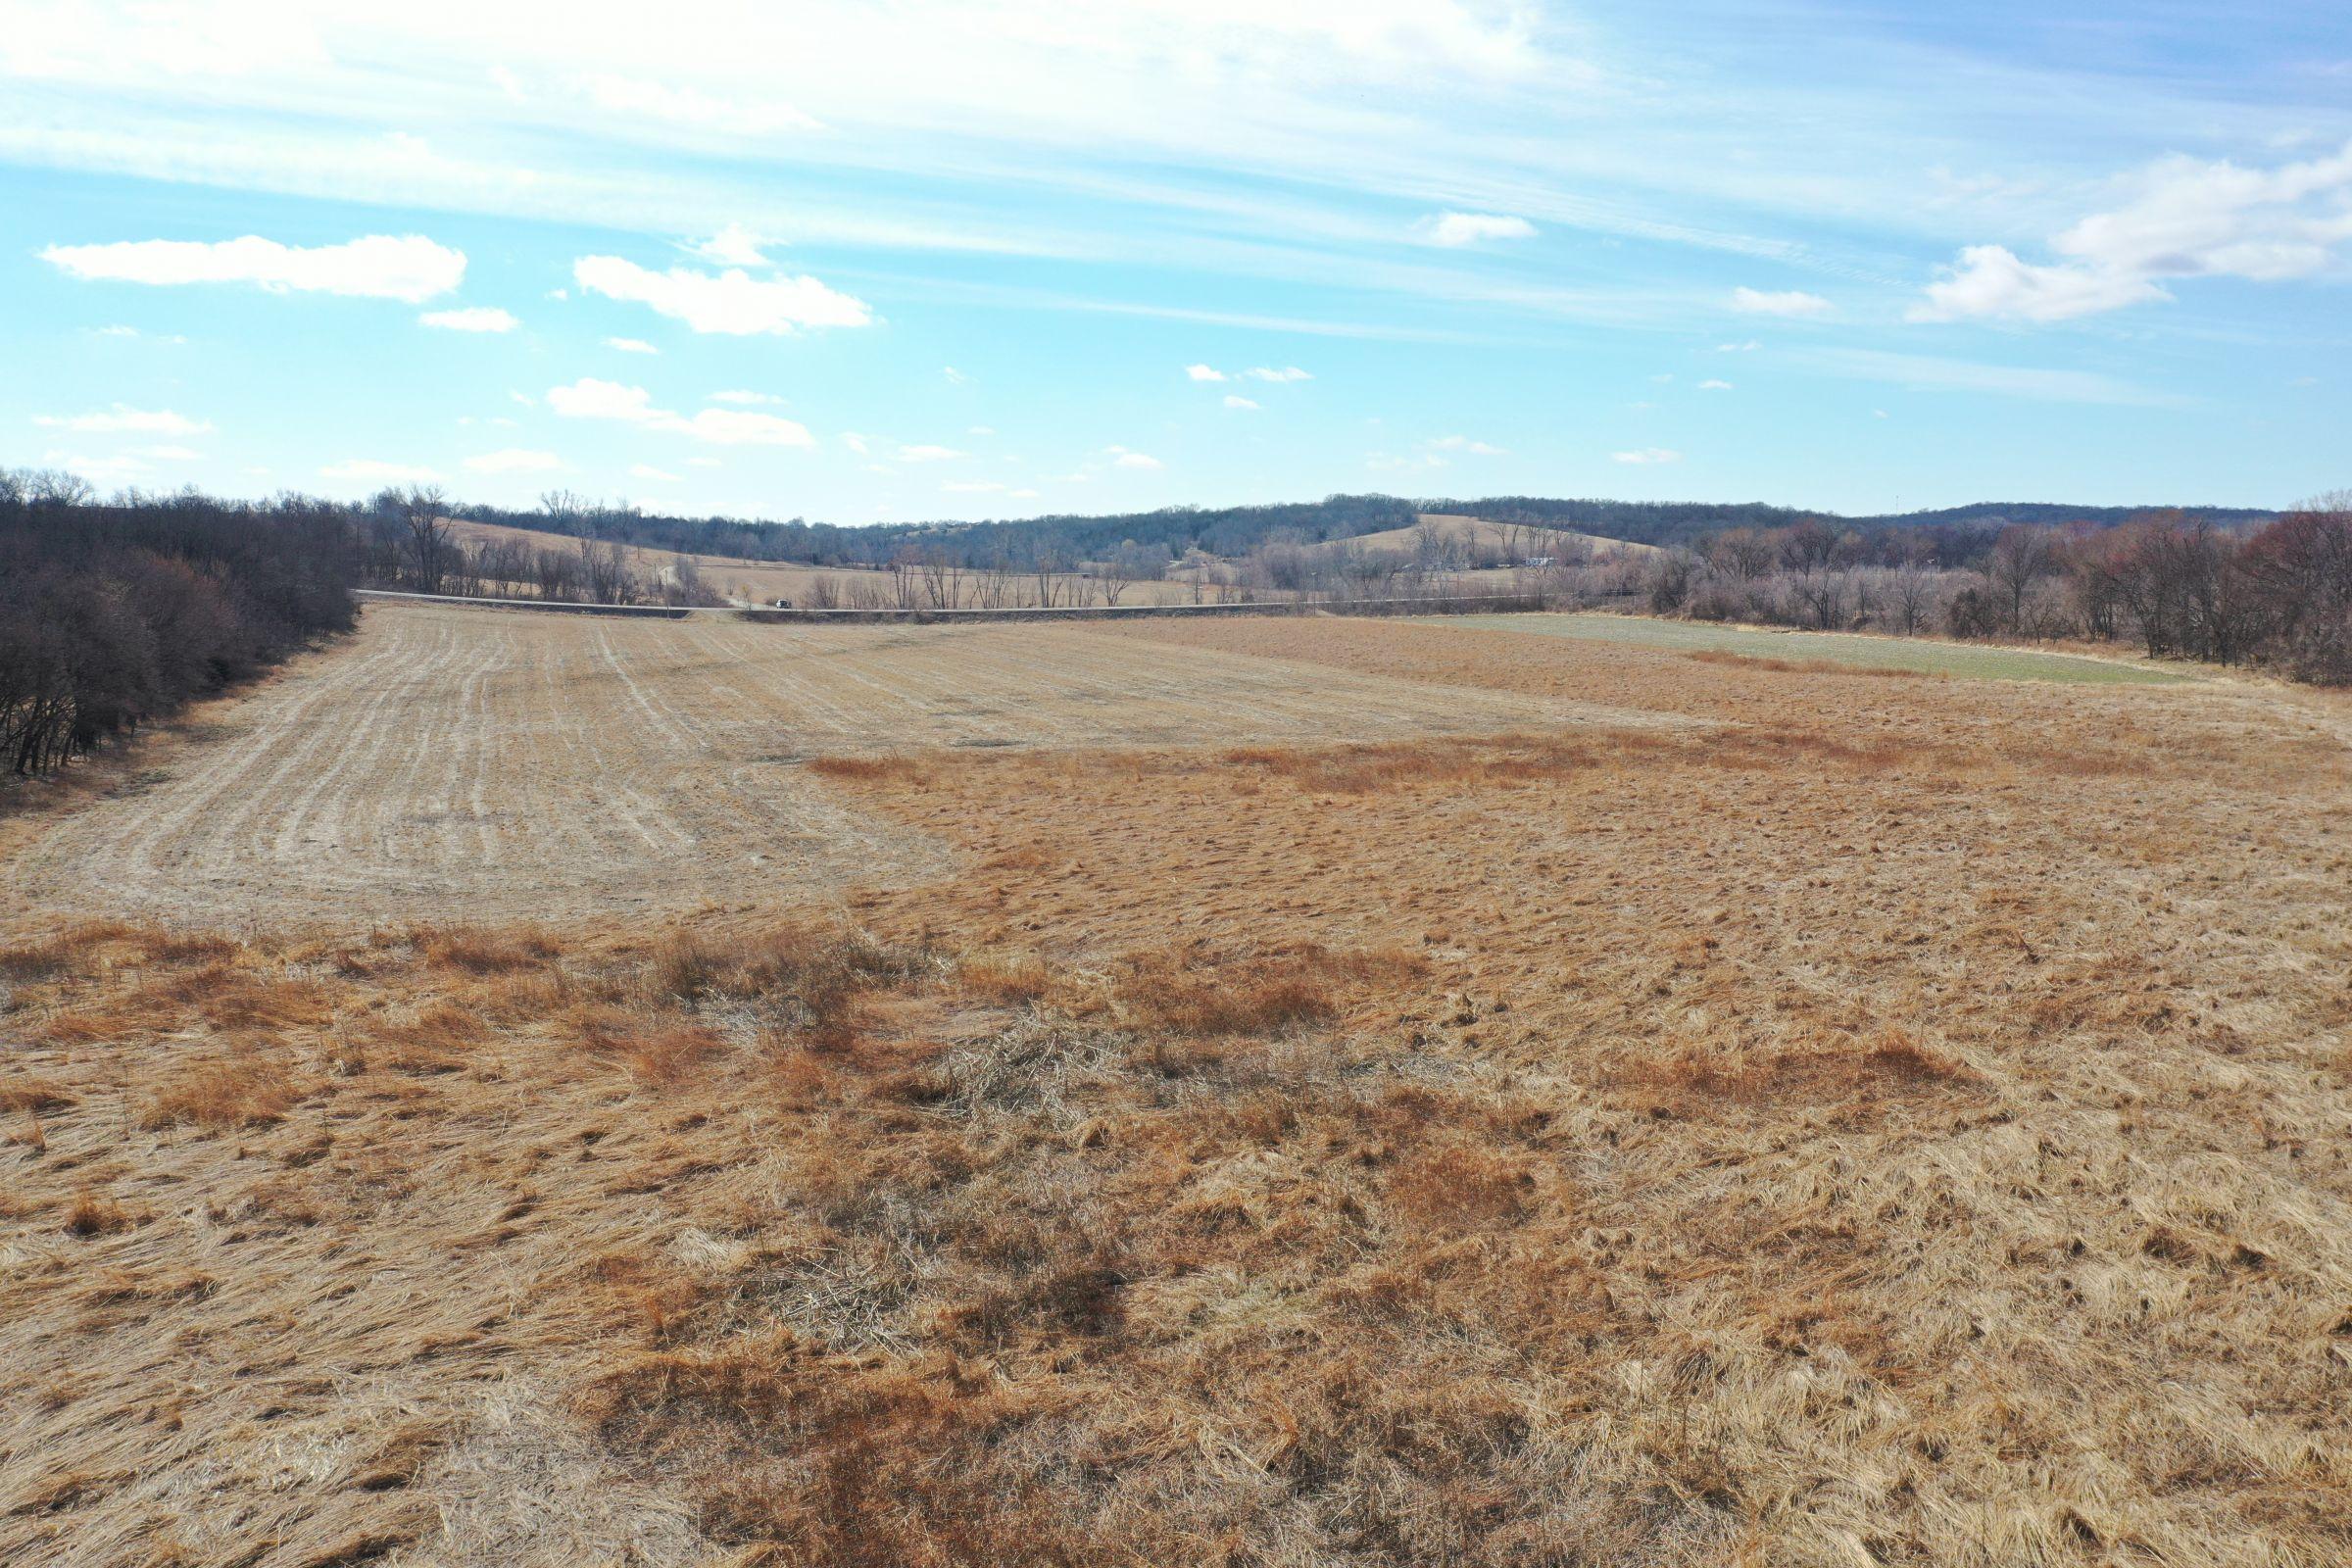 warren-county-iowa-0-acres-listing-number-15407-2-2021-03-11-230405.JPG